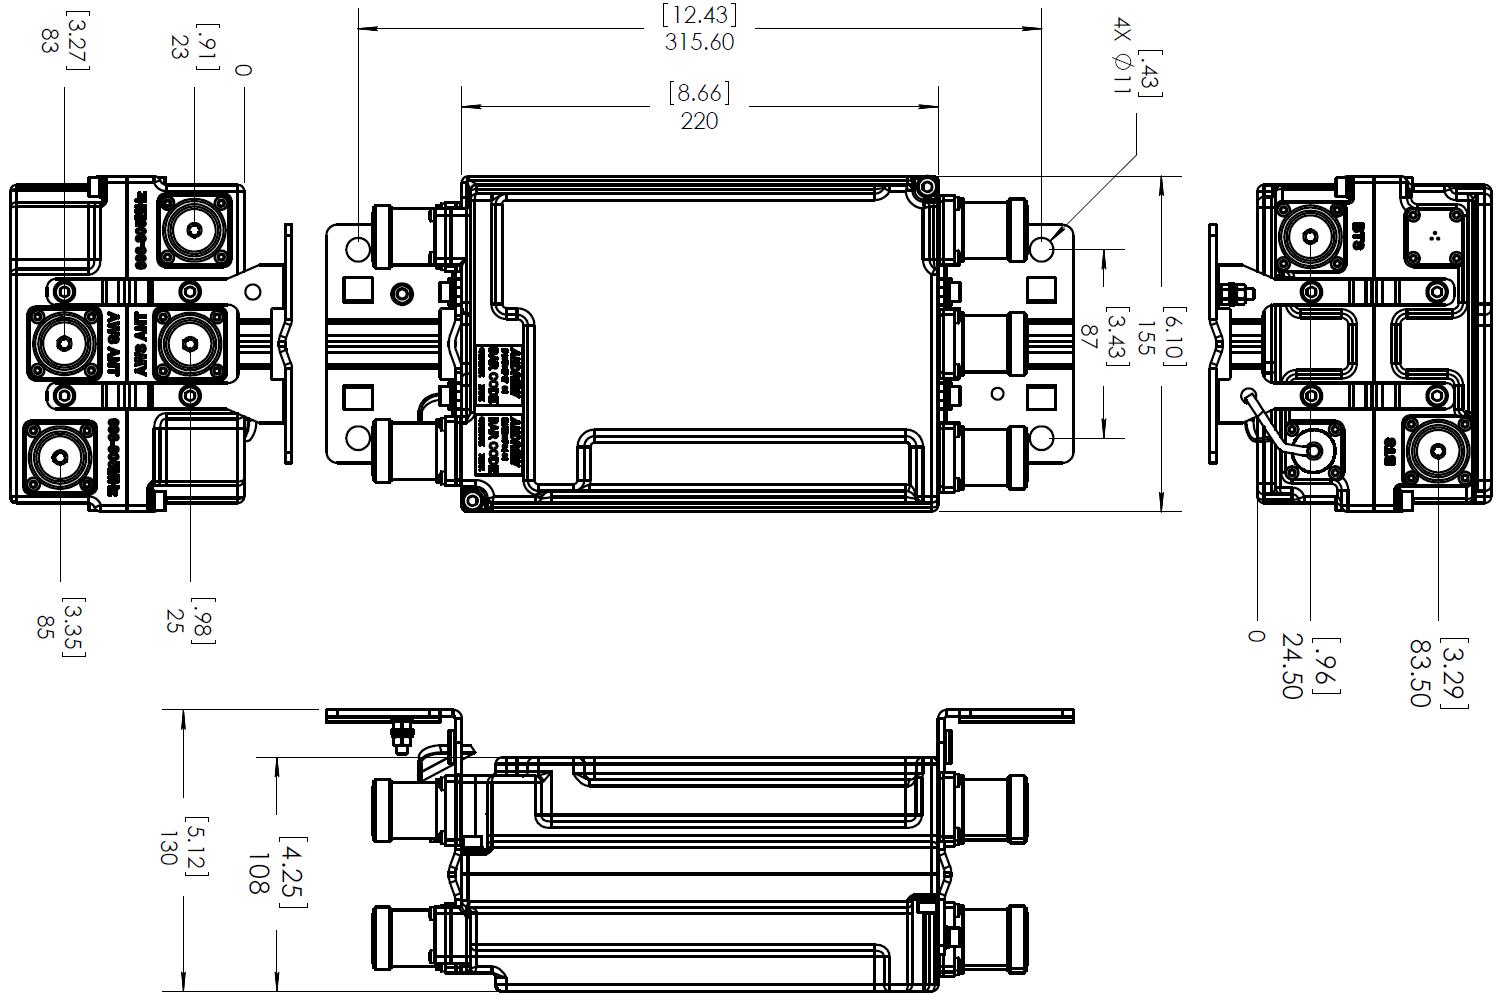 E15z09p94